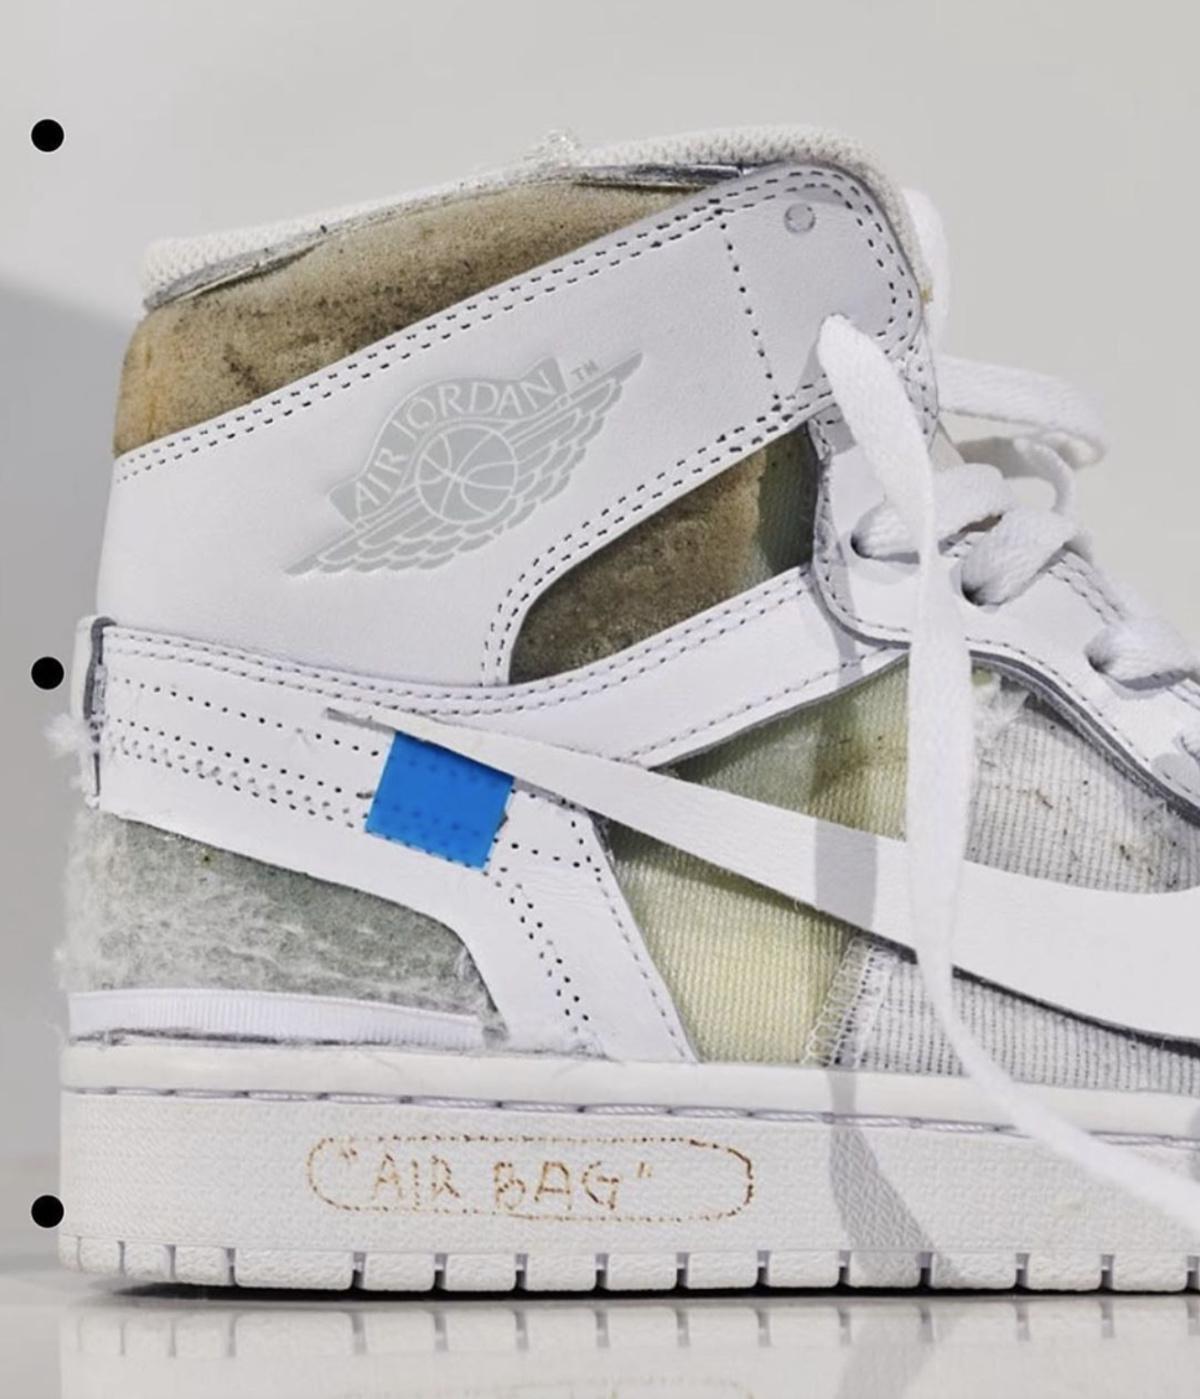 Virgil Abloh partage le tout premier échantillon-White™ x Nike Air Jordan 1